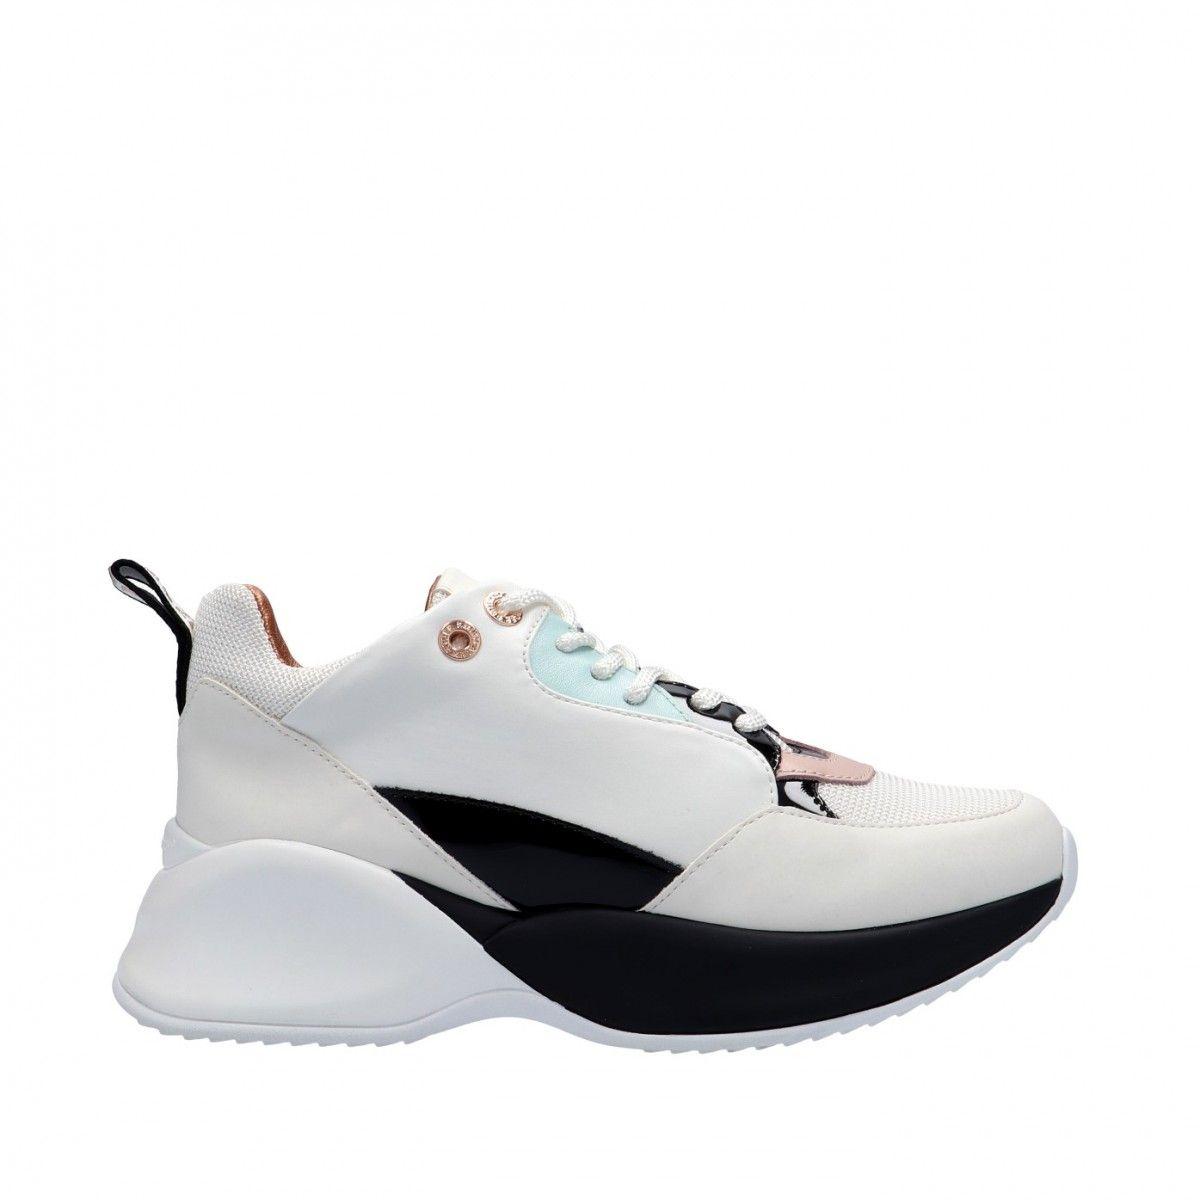 Alexander smith Sneaker...